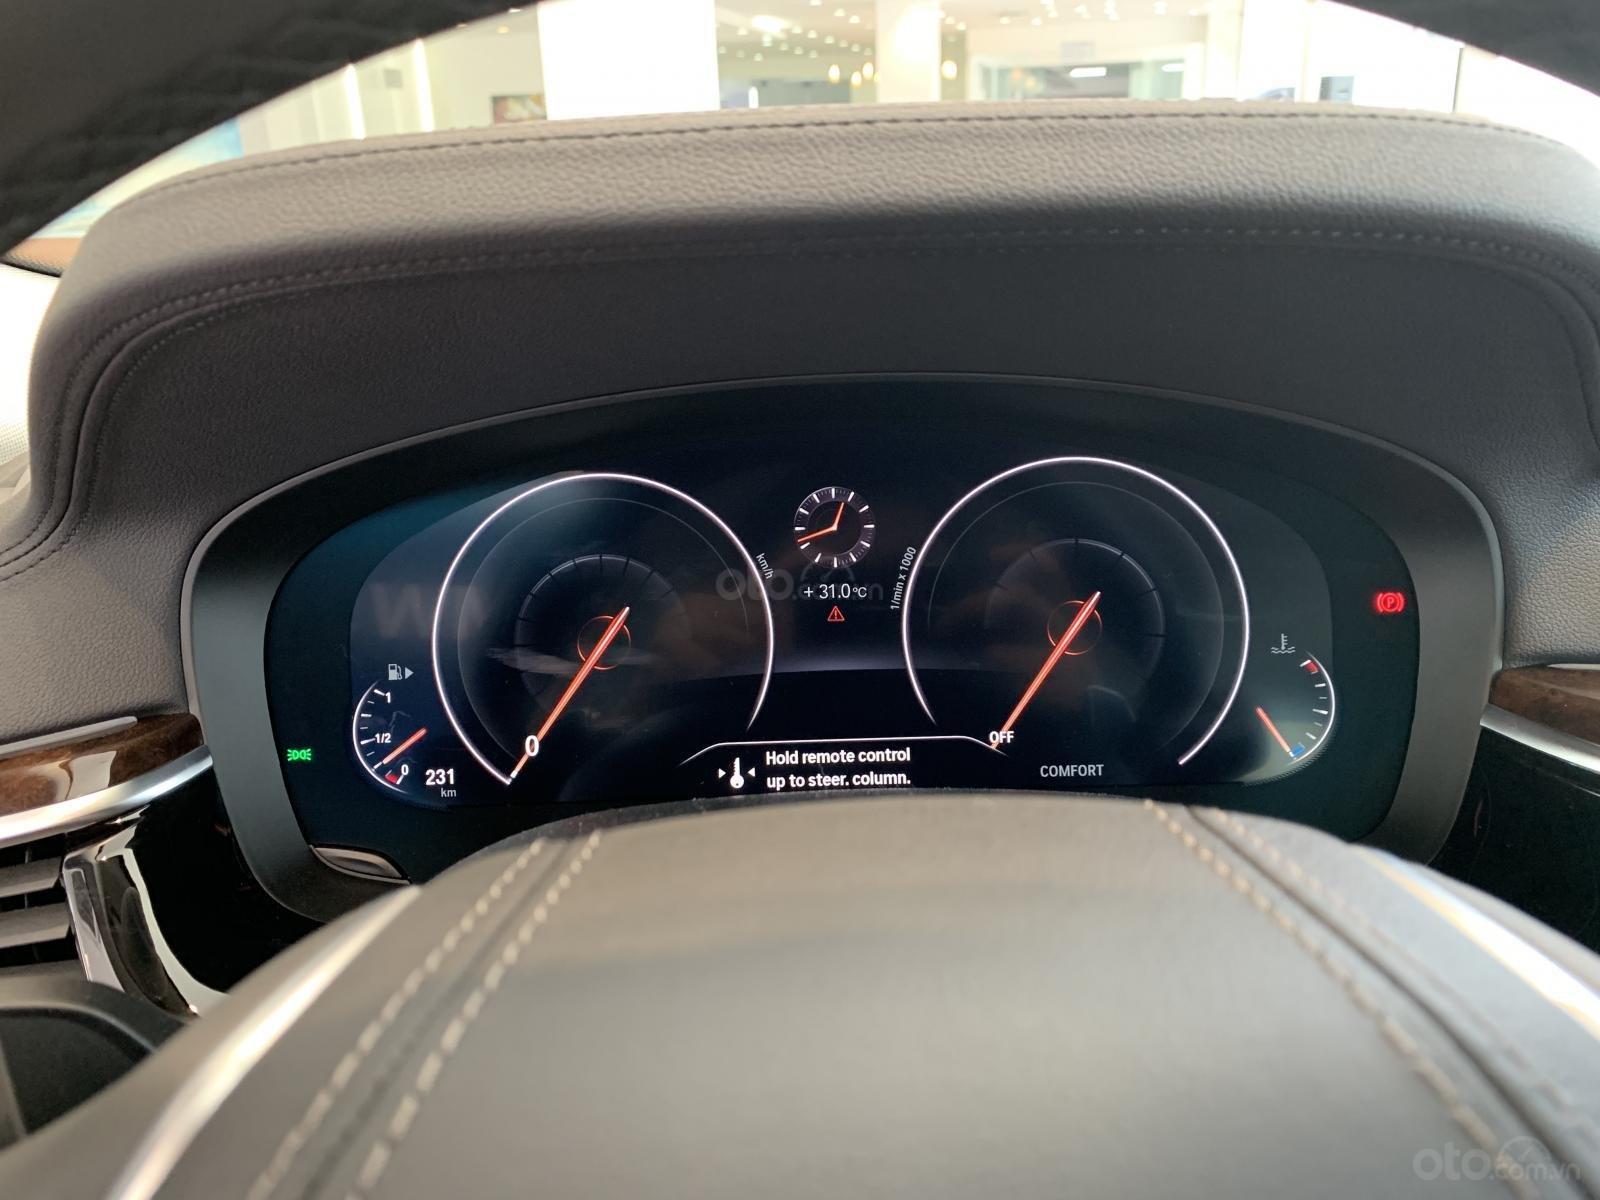 Bán BMW 530i 2019 - Tinh hoa công nghệ ô tô - Liên hệ 0938308393-13